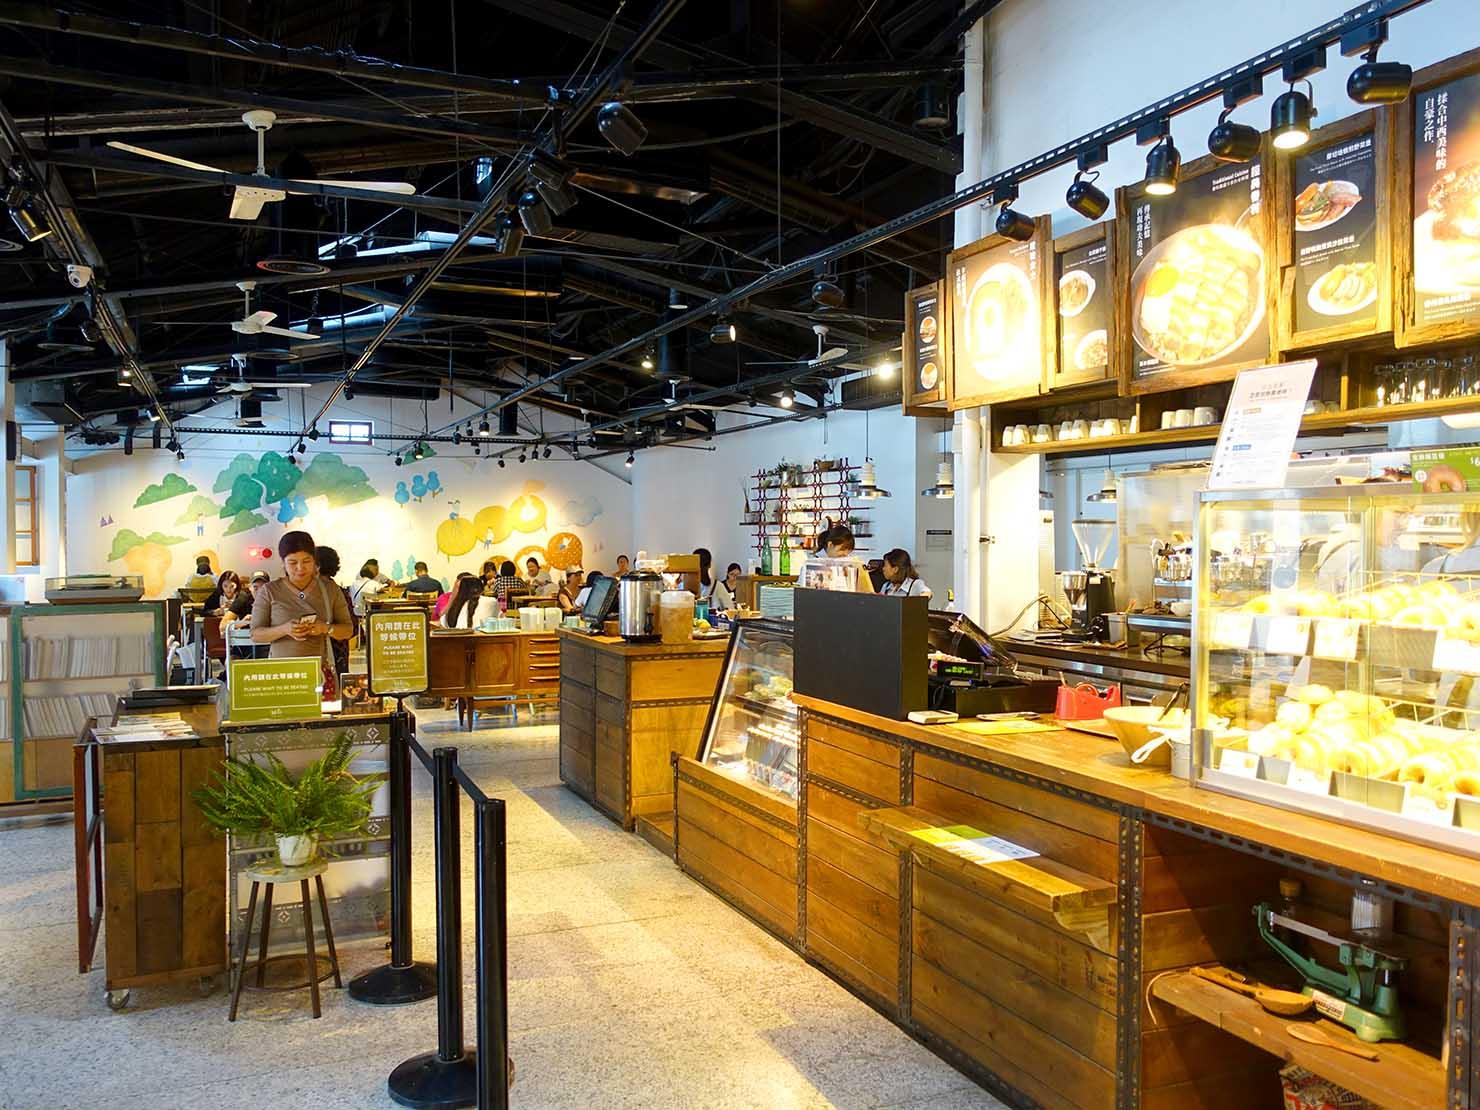 台北101エリアでのおみやげ探しにおすすめのショップ「好丘 Good Cho's」のカフェスペース